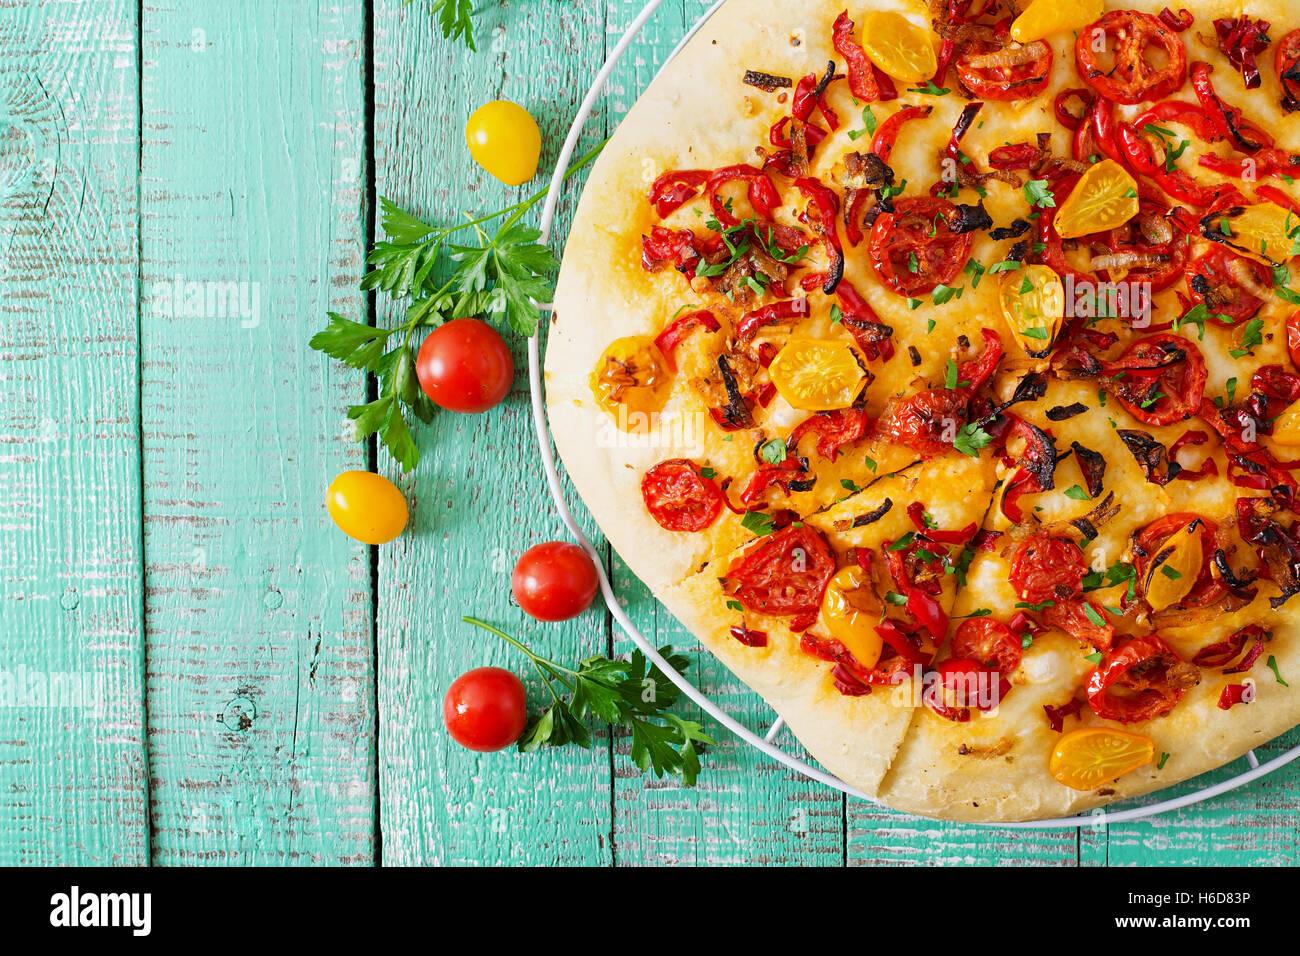 El italiano focaccia con tomates, pimientos y cebollas. Imagen De Stock